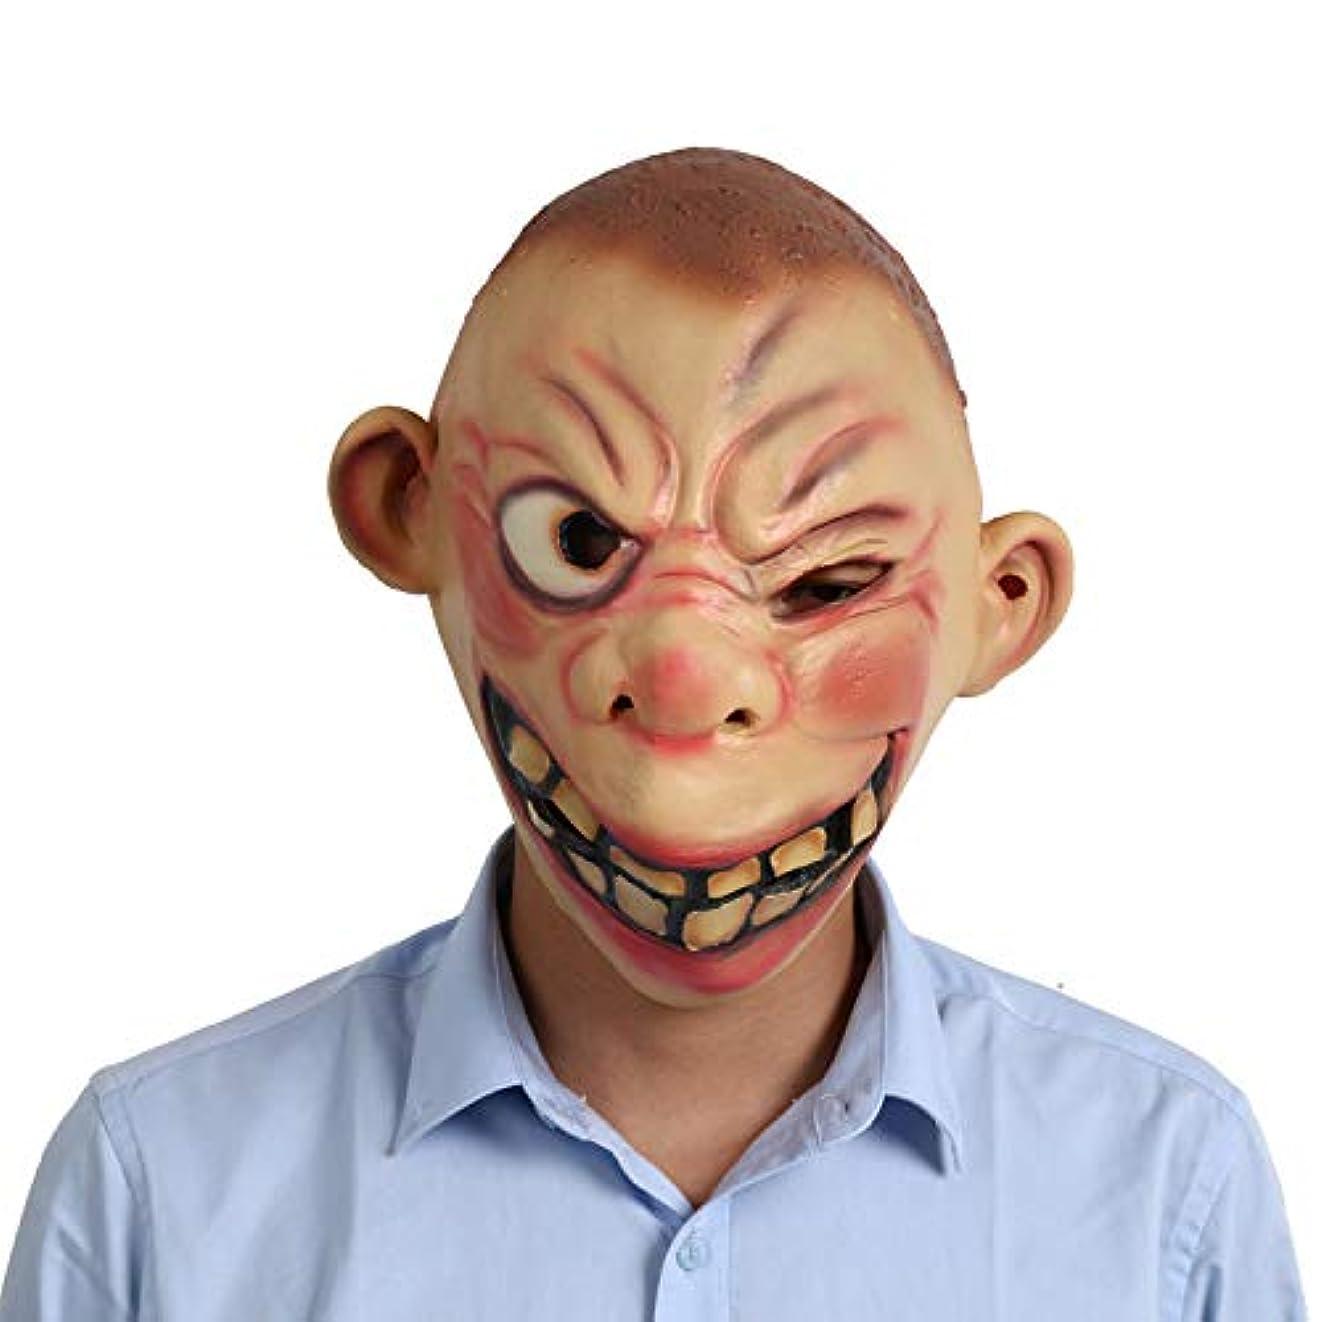 アクセスできないインタラクションマークされたハロウィンボールしかめっ面マスクマスクハーフヘッドマスクパフォ??ーマンスパフォーマンスの小道具ビッグアイズマスク